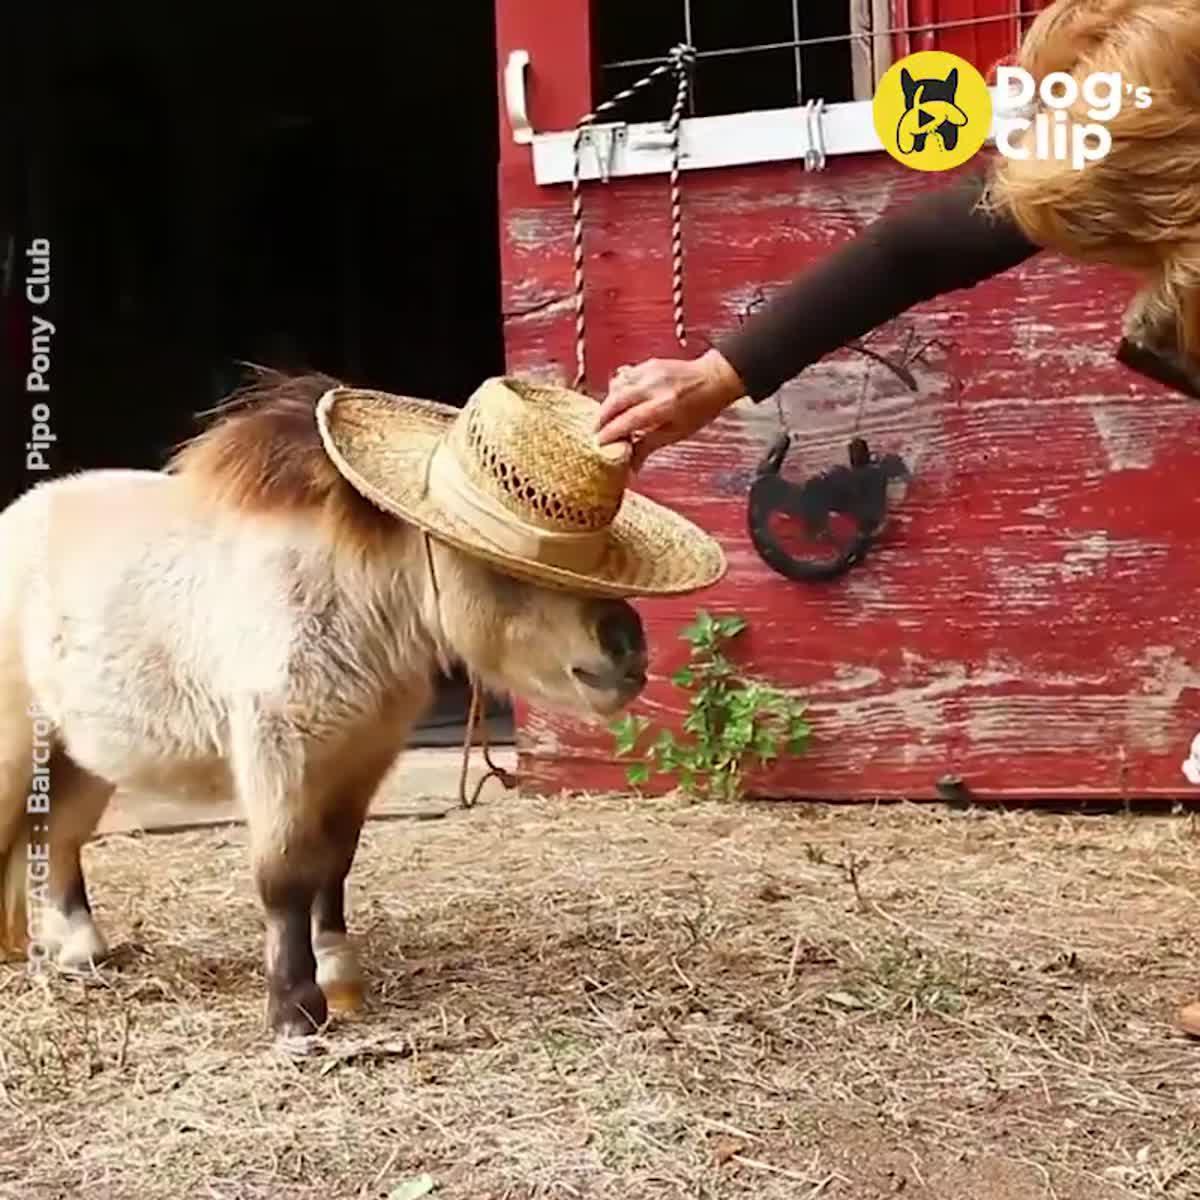 ม้าแคระเชตแลนด์ โตกว่าแมวนิดเดียวเอง